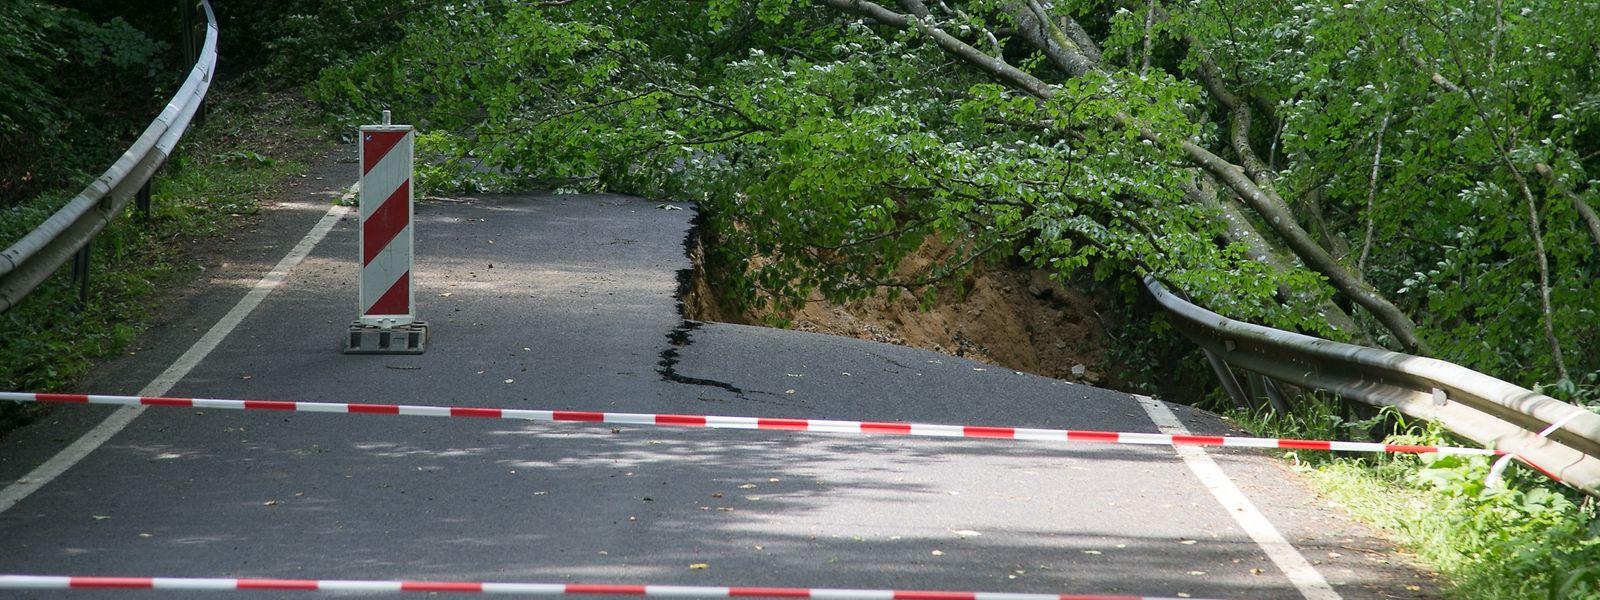 Bei den Unwettern im Juni waren zwei von drei Straßenverbindungen nach Berdorf zerstört worden.